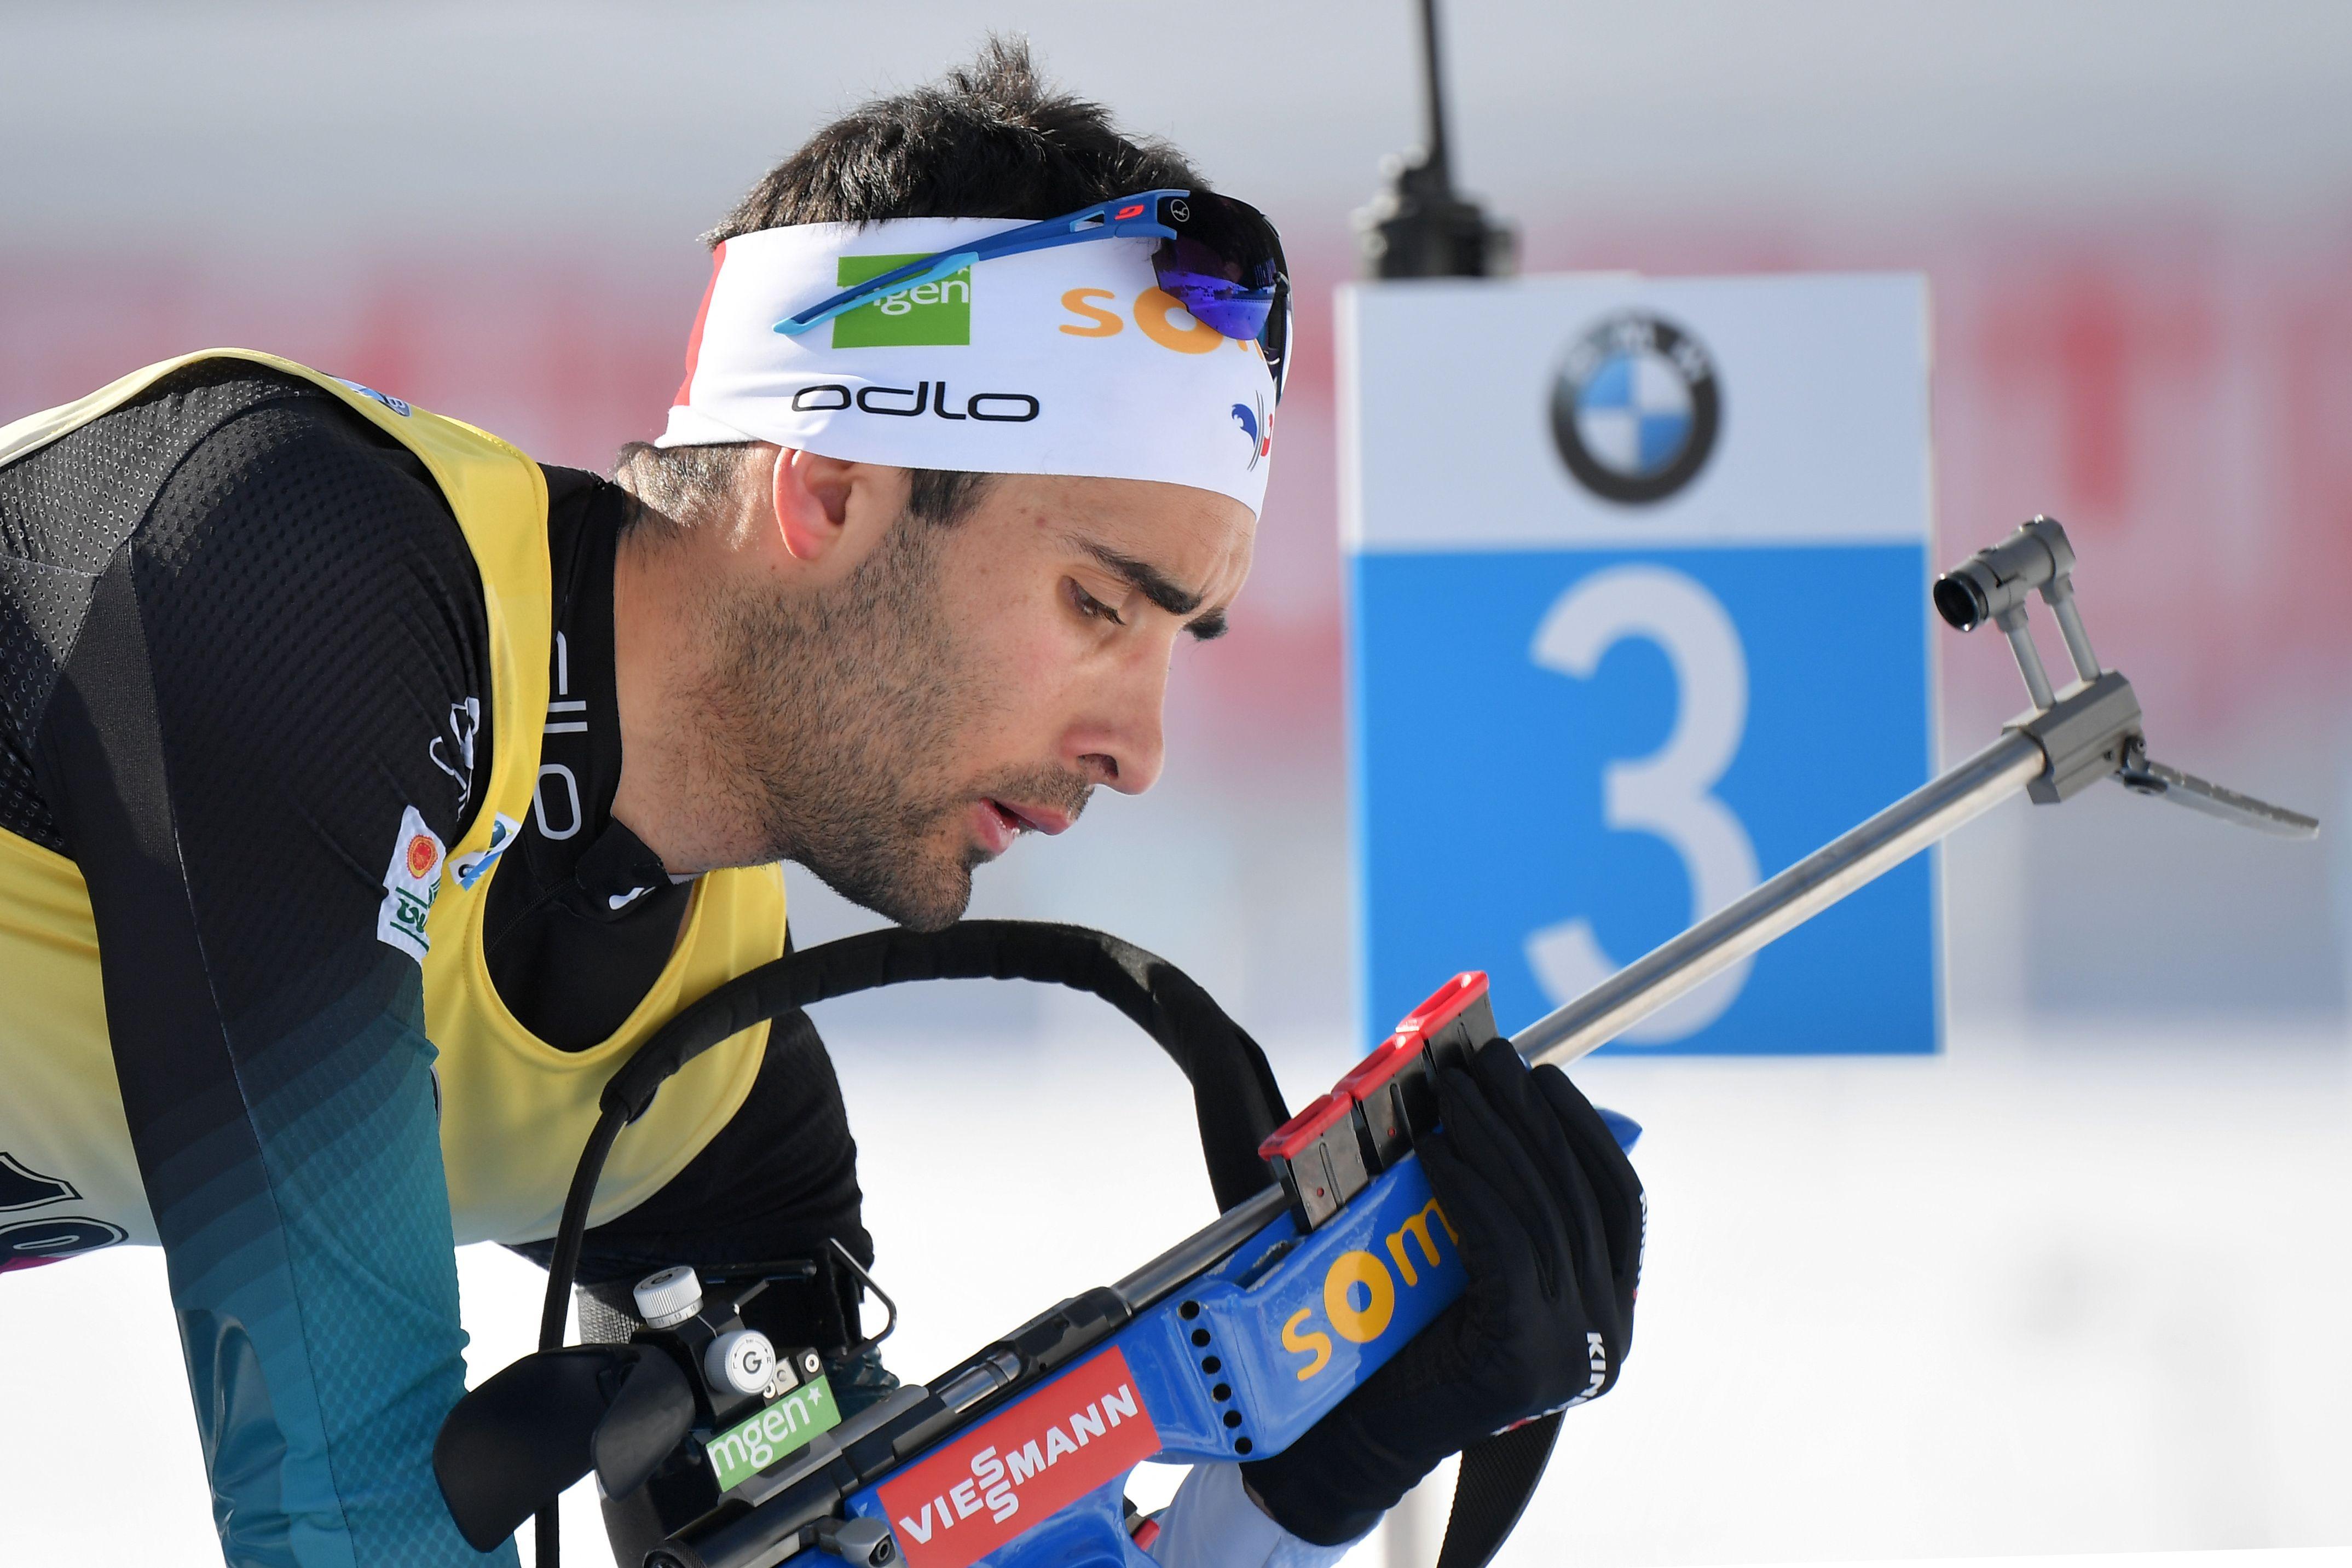 Sports d'hiver - Mondiaux de biathlon : Fillon-Maillet et Fourcade sur le podium du sprint